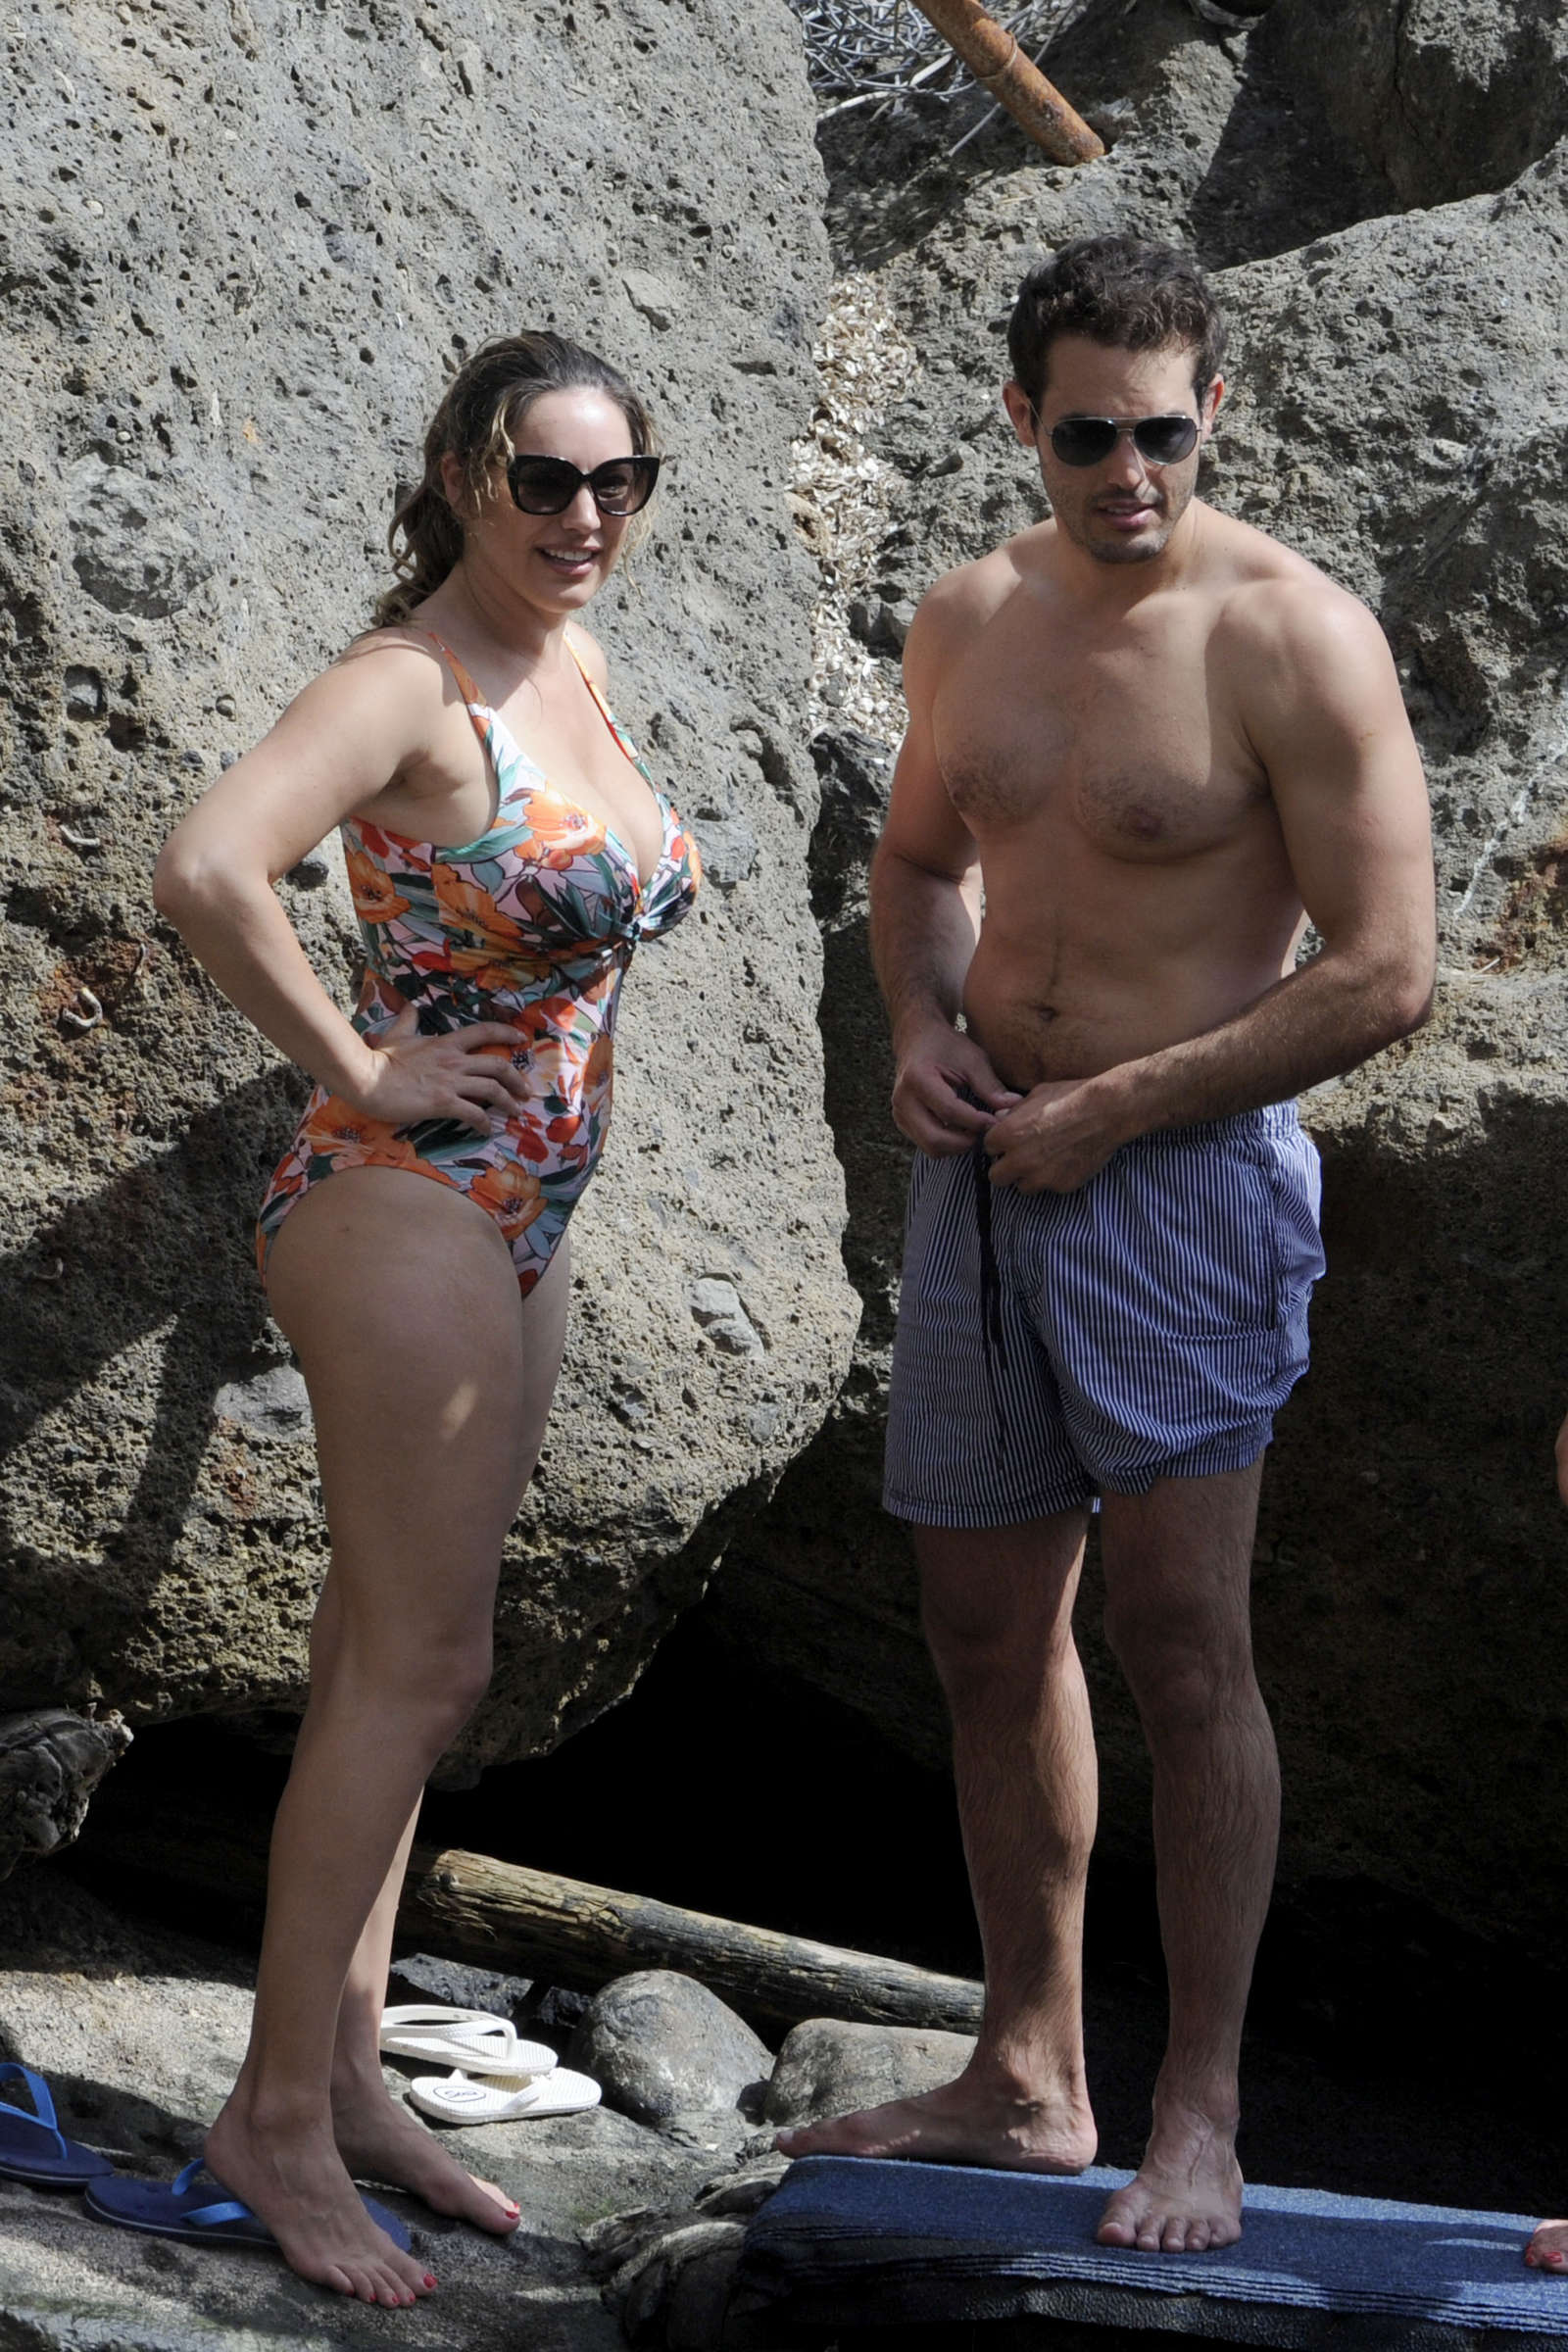 كيلي بروك تستمتع بيوم مشمس بمايوه مزين بنقوش الورد في إسكيا، وهي جزيرة في إيطاليا مع جيريمي بارسي.